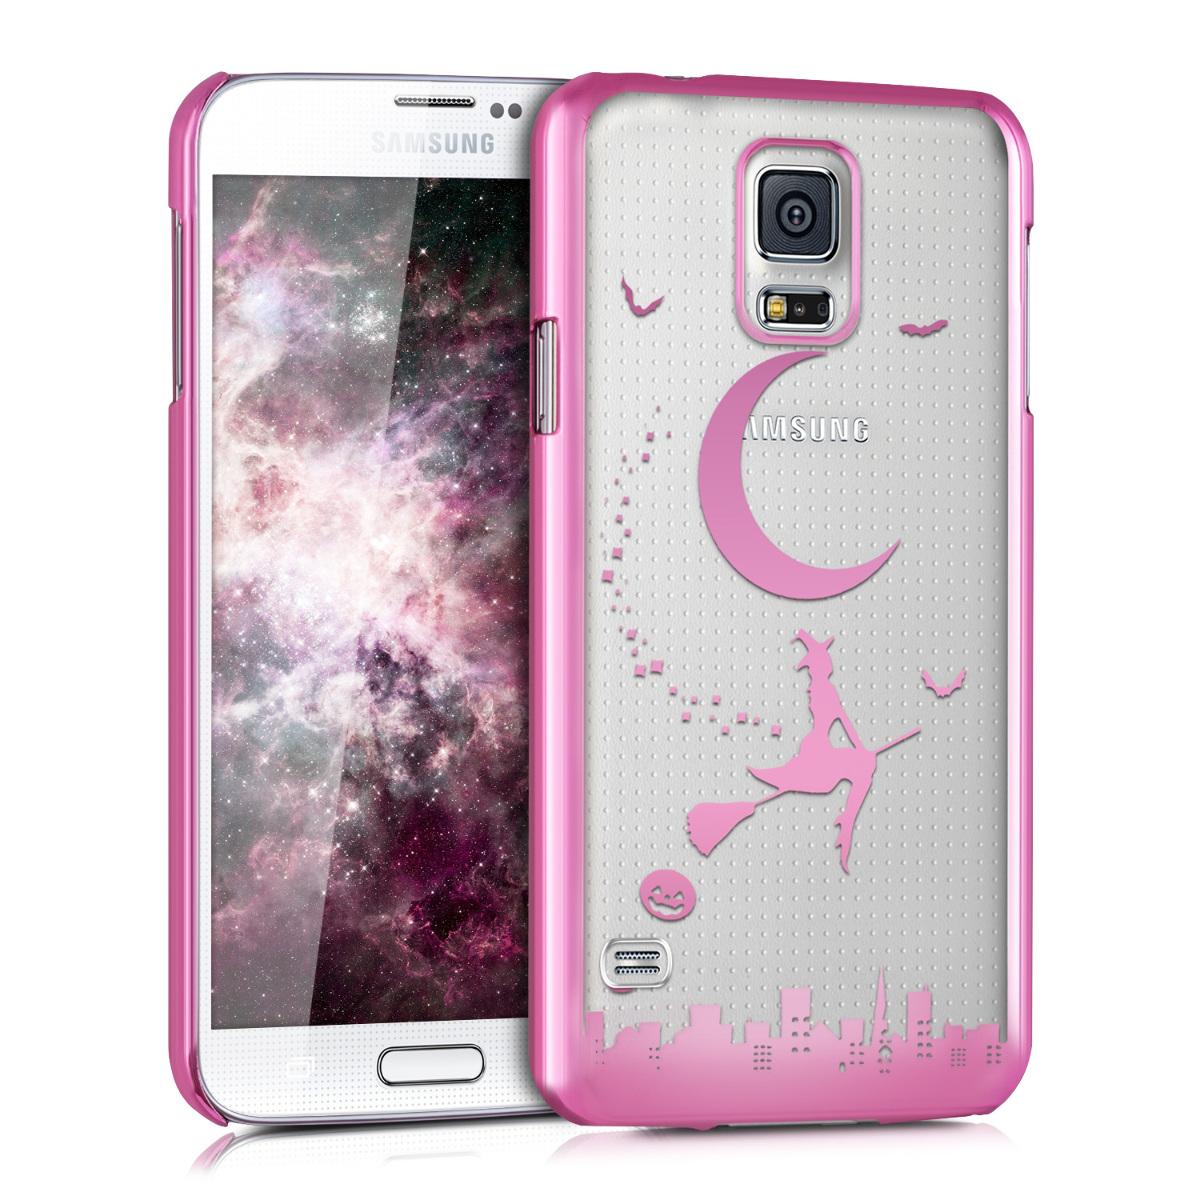 Kvalitní silikonové TPU pouzdro pro Samsung S5 | S5 Neo - Witch tmavě růžová / transparentní